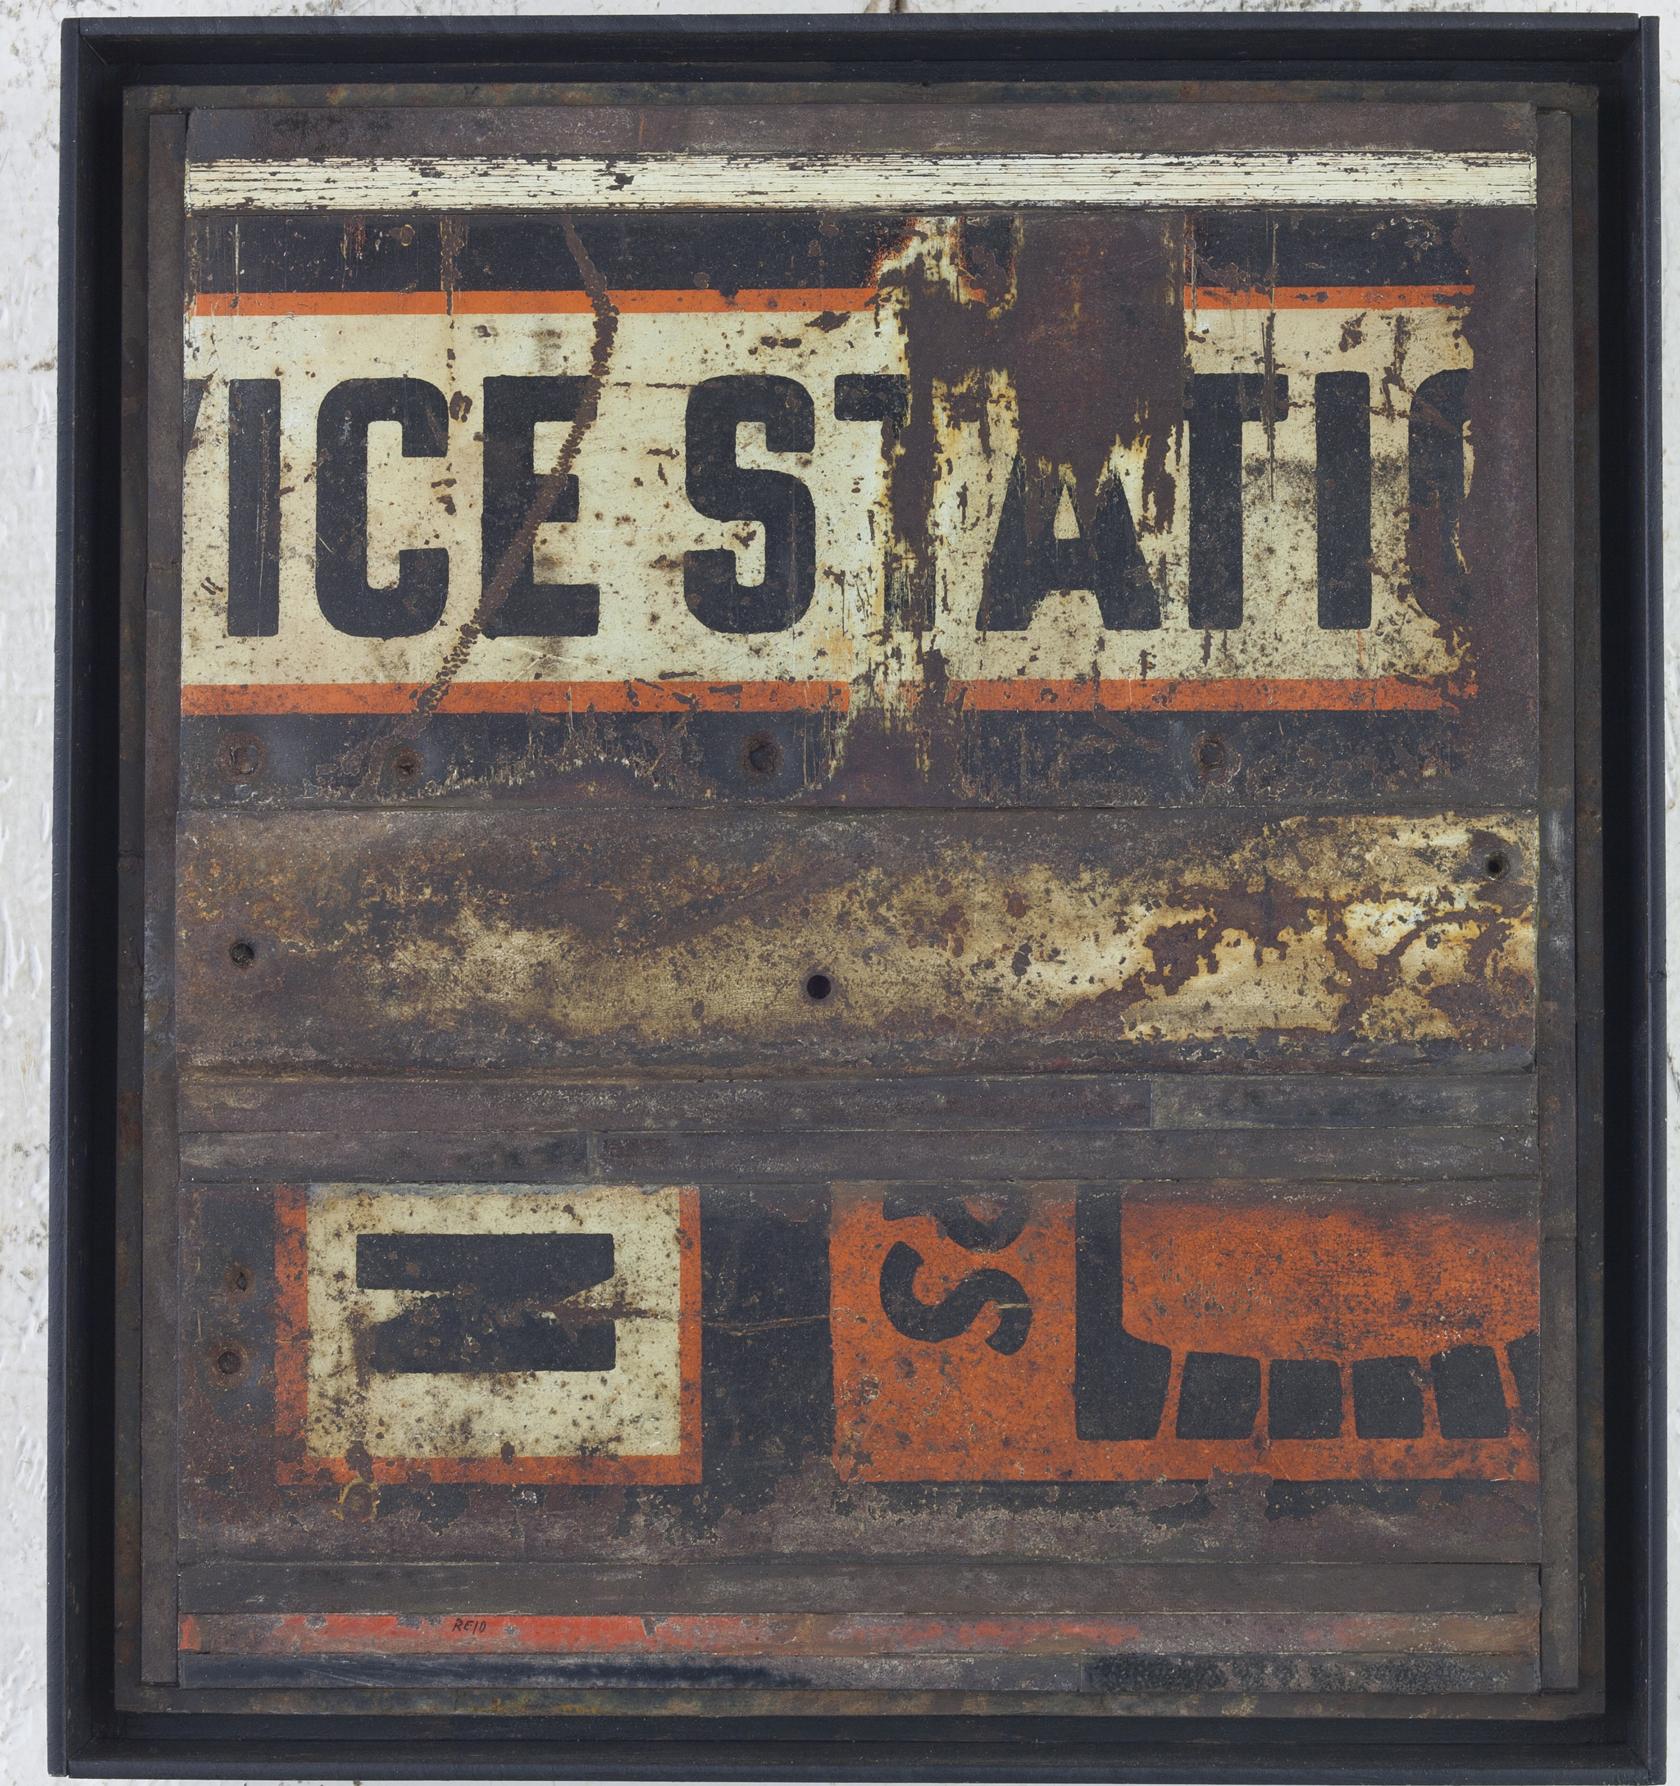 1681_Ice_Station_11x10x2